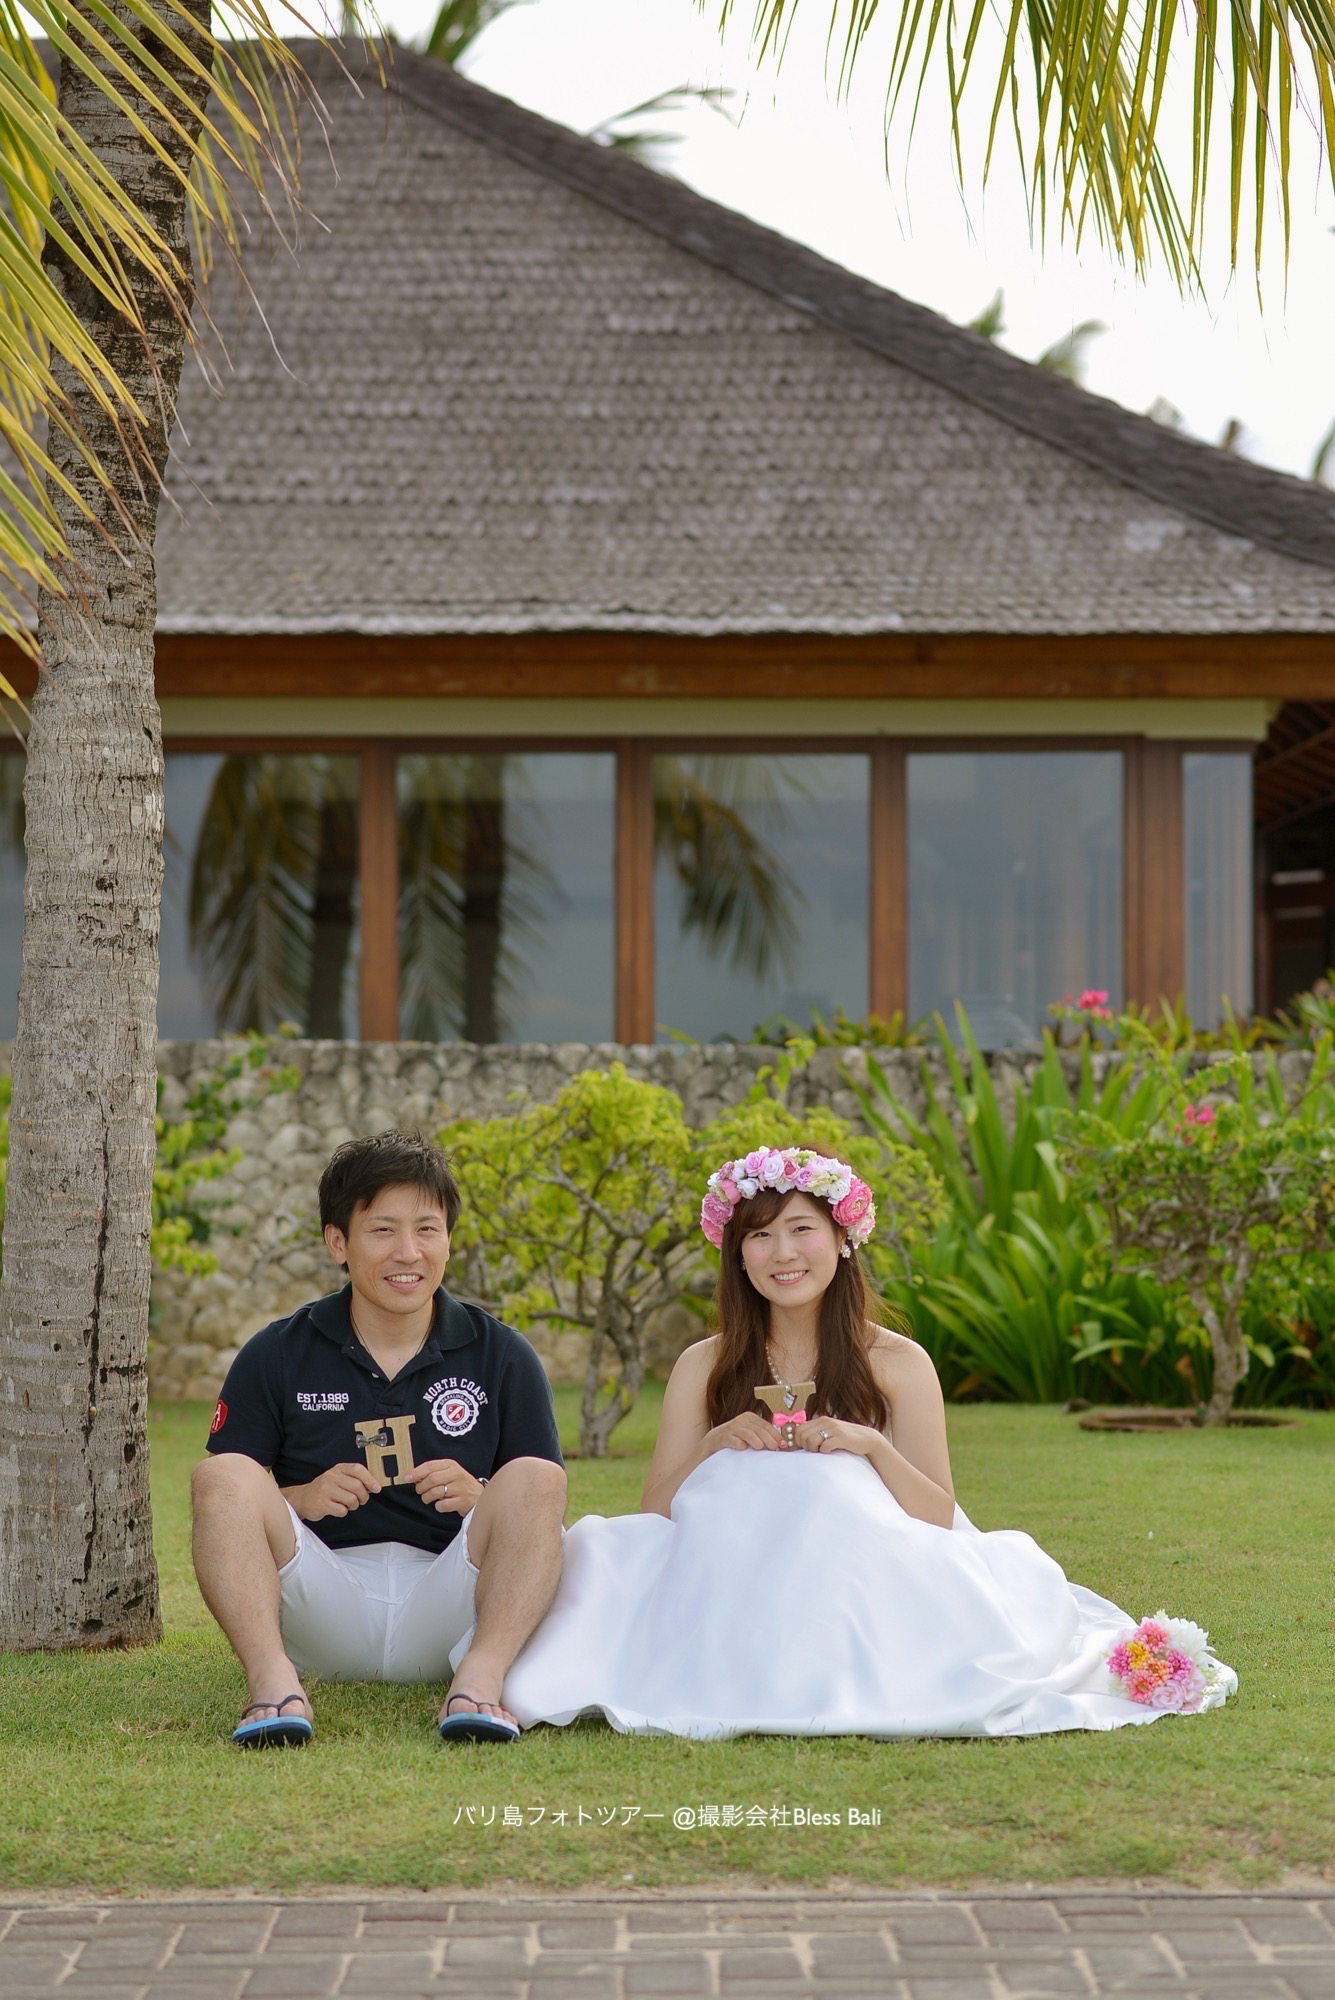 バリ島ガーデンエリアで座って微笑む新郎新婦